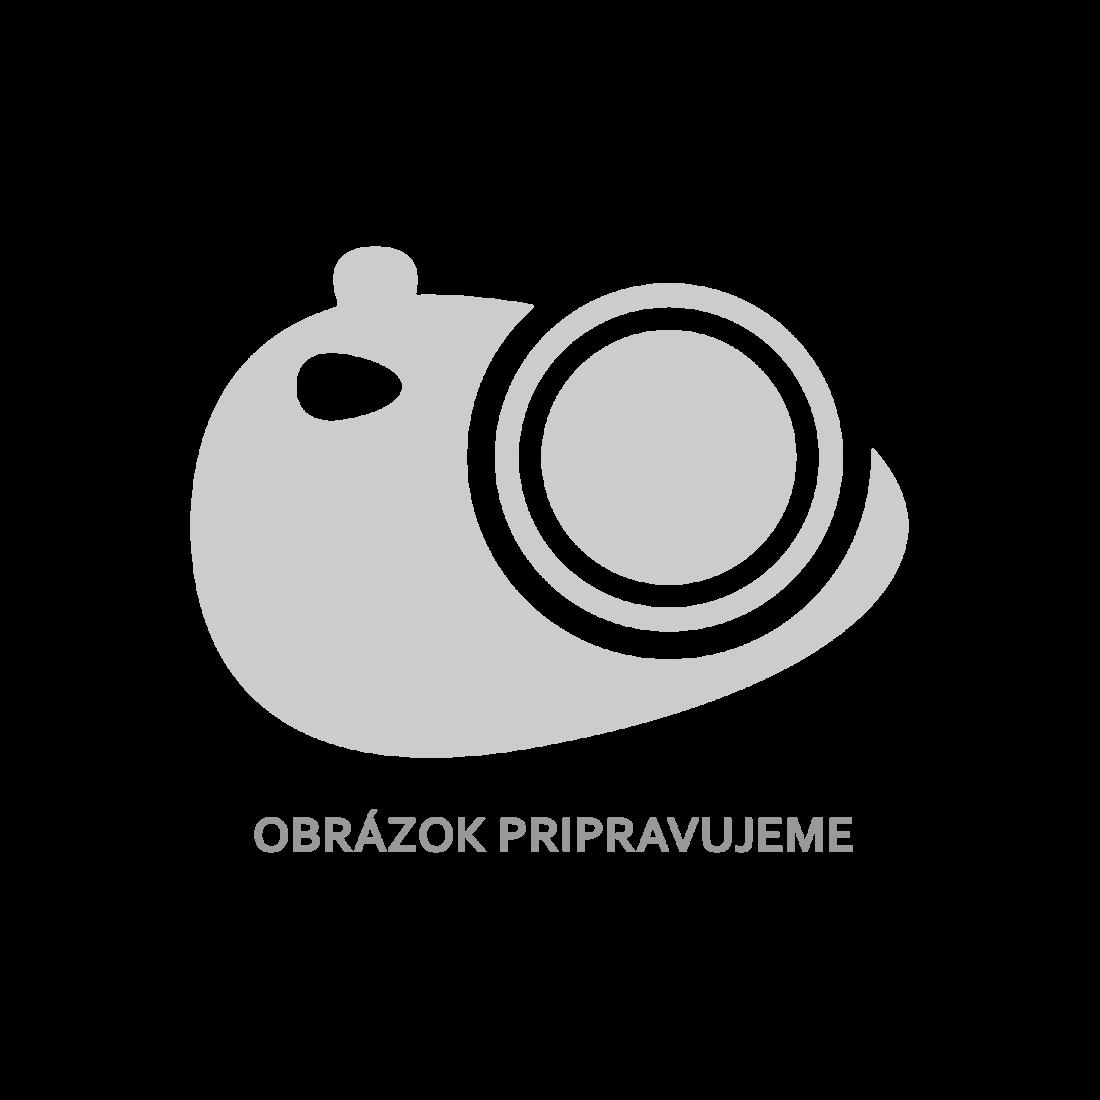 Drevená záhradná kôlňa na skladovanie náradia, veľká